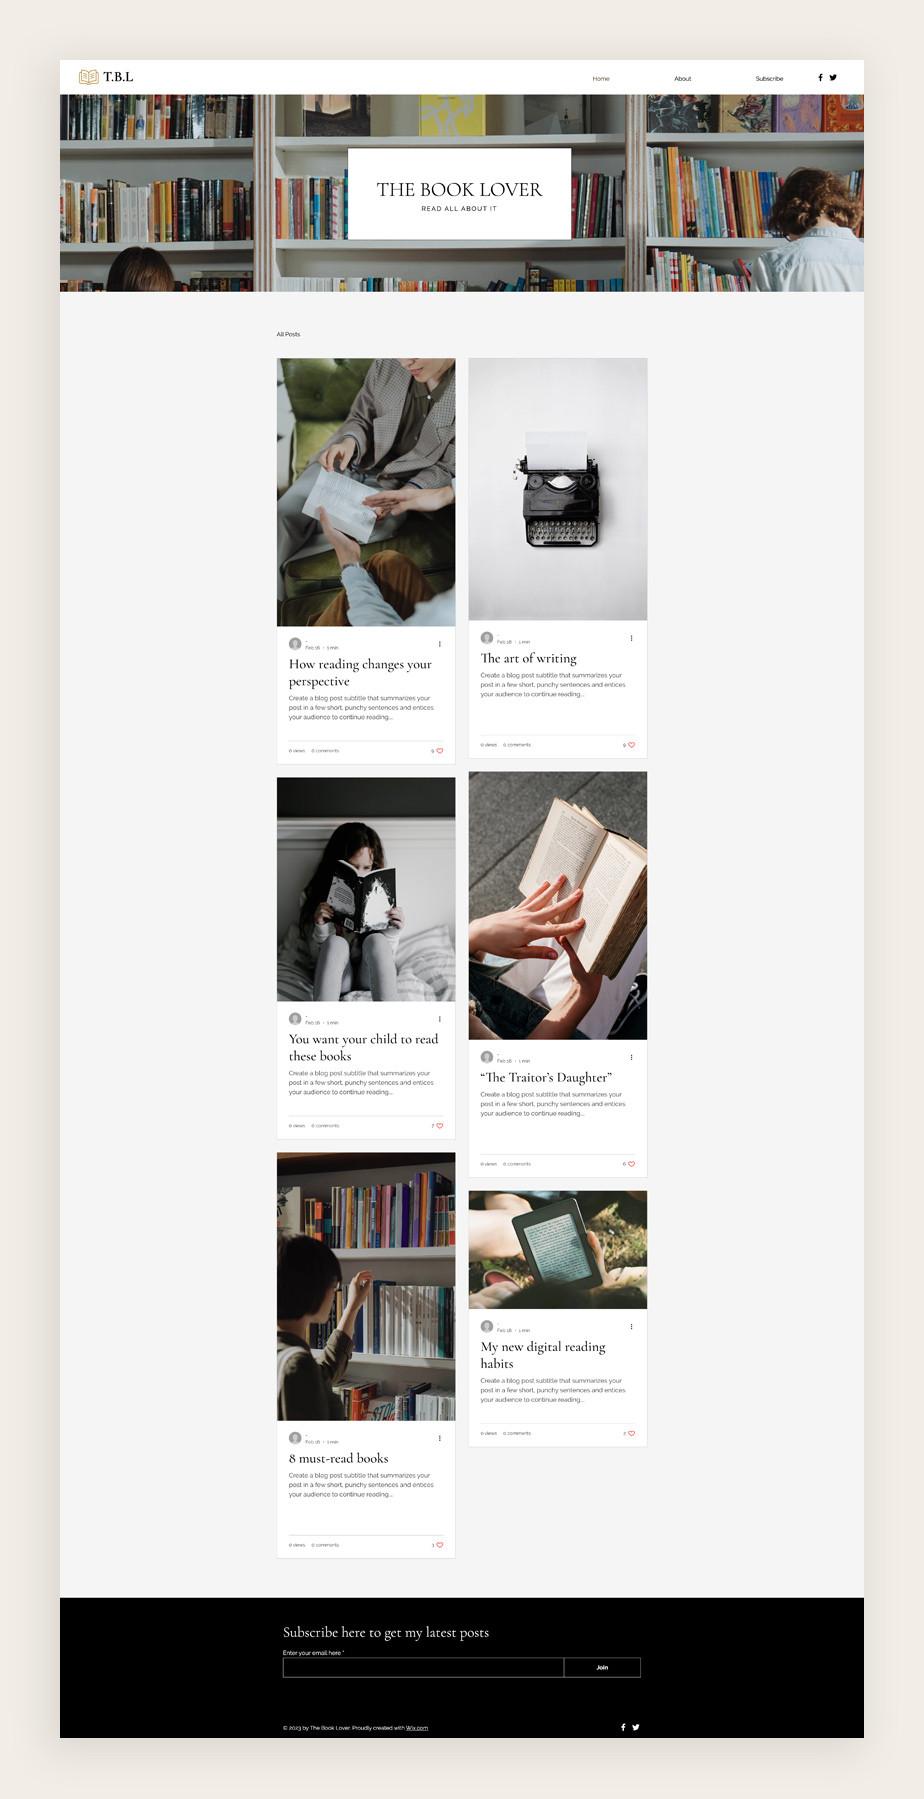 Najlepsze szablony blogów: szablon bloga poświęconego literaturze